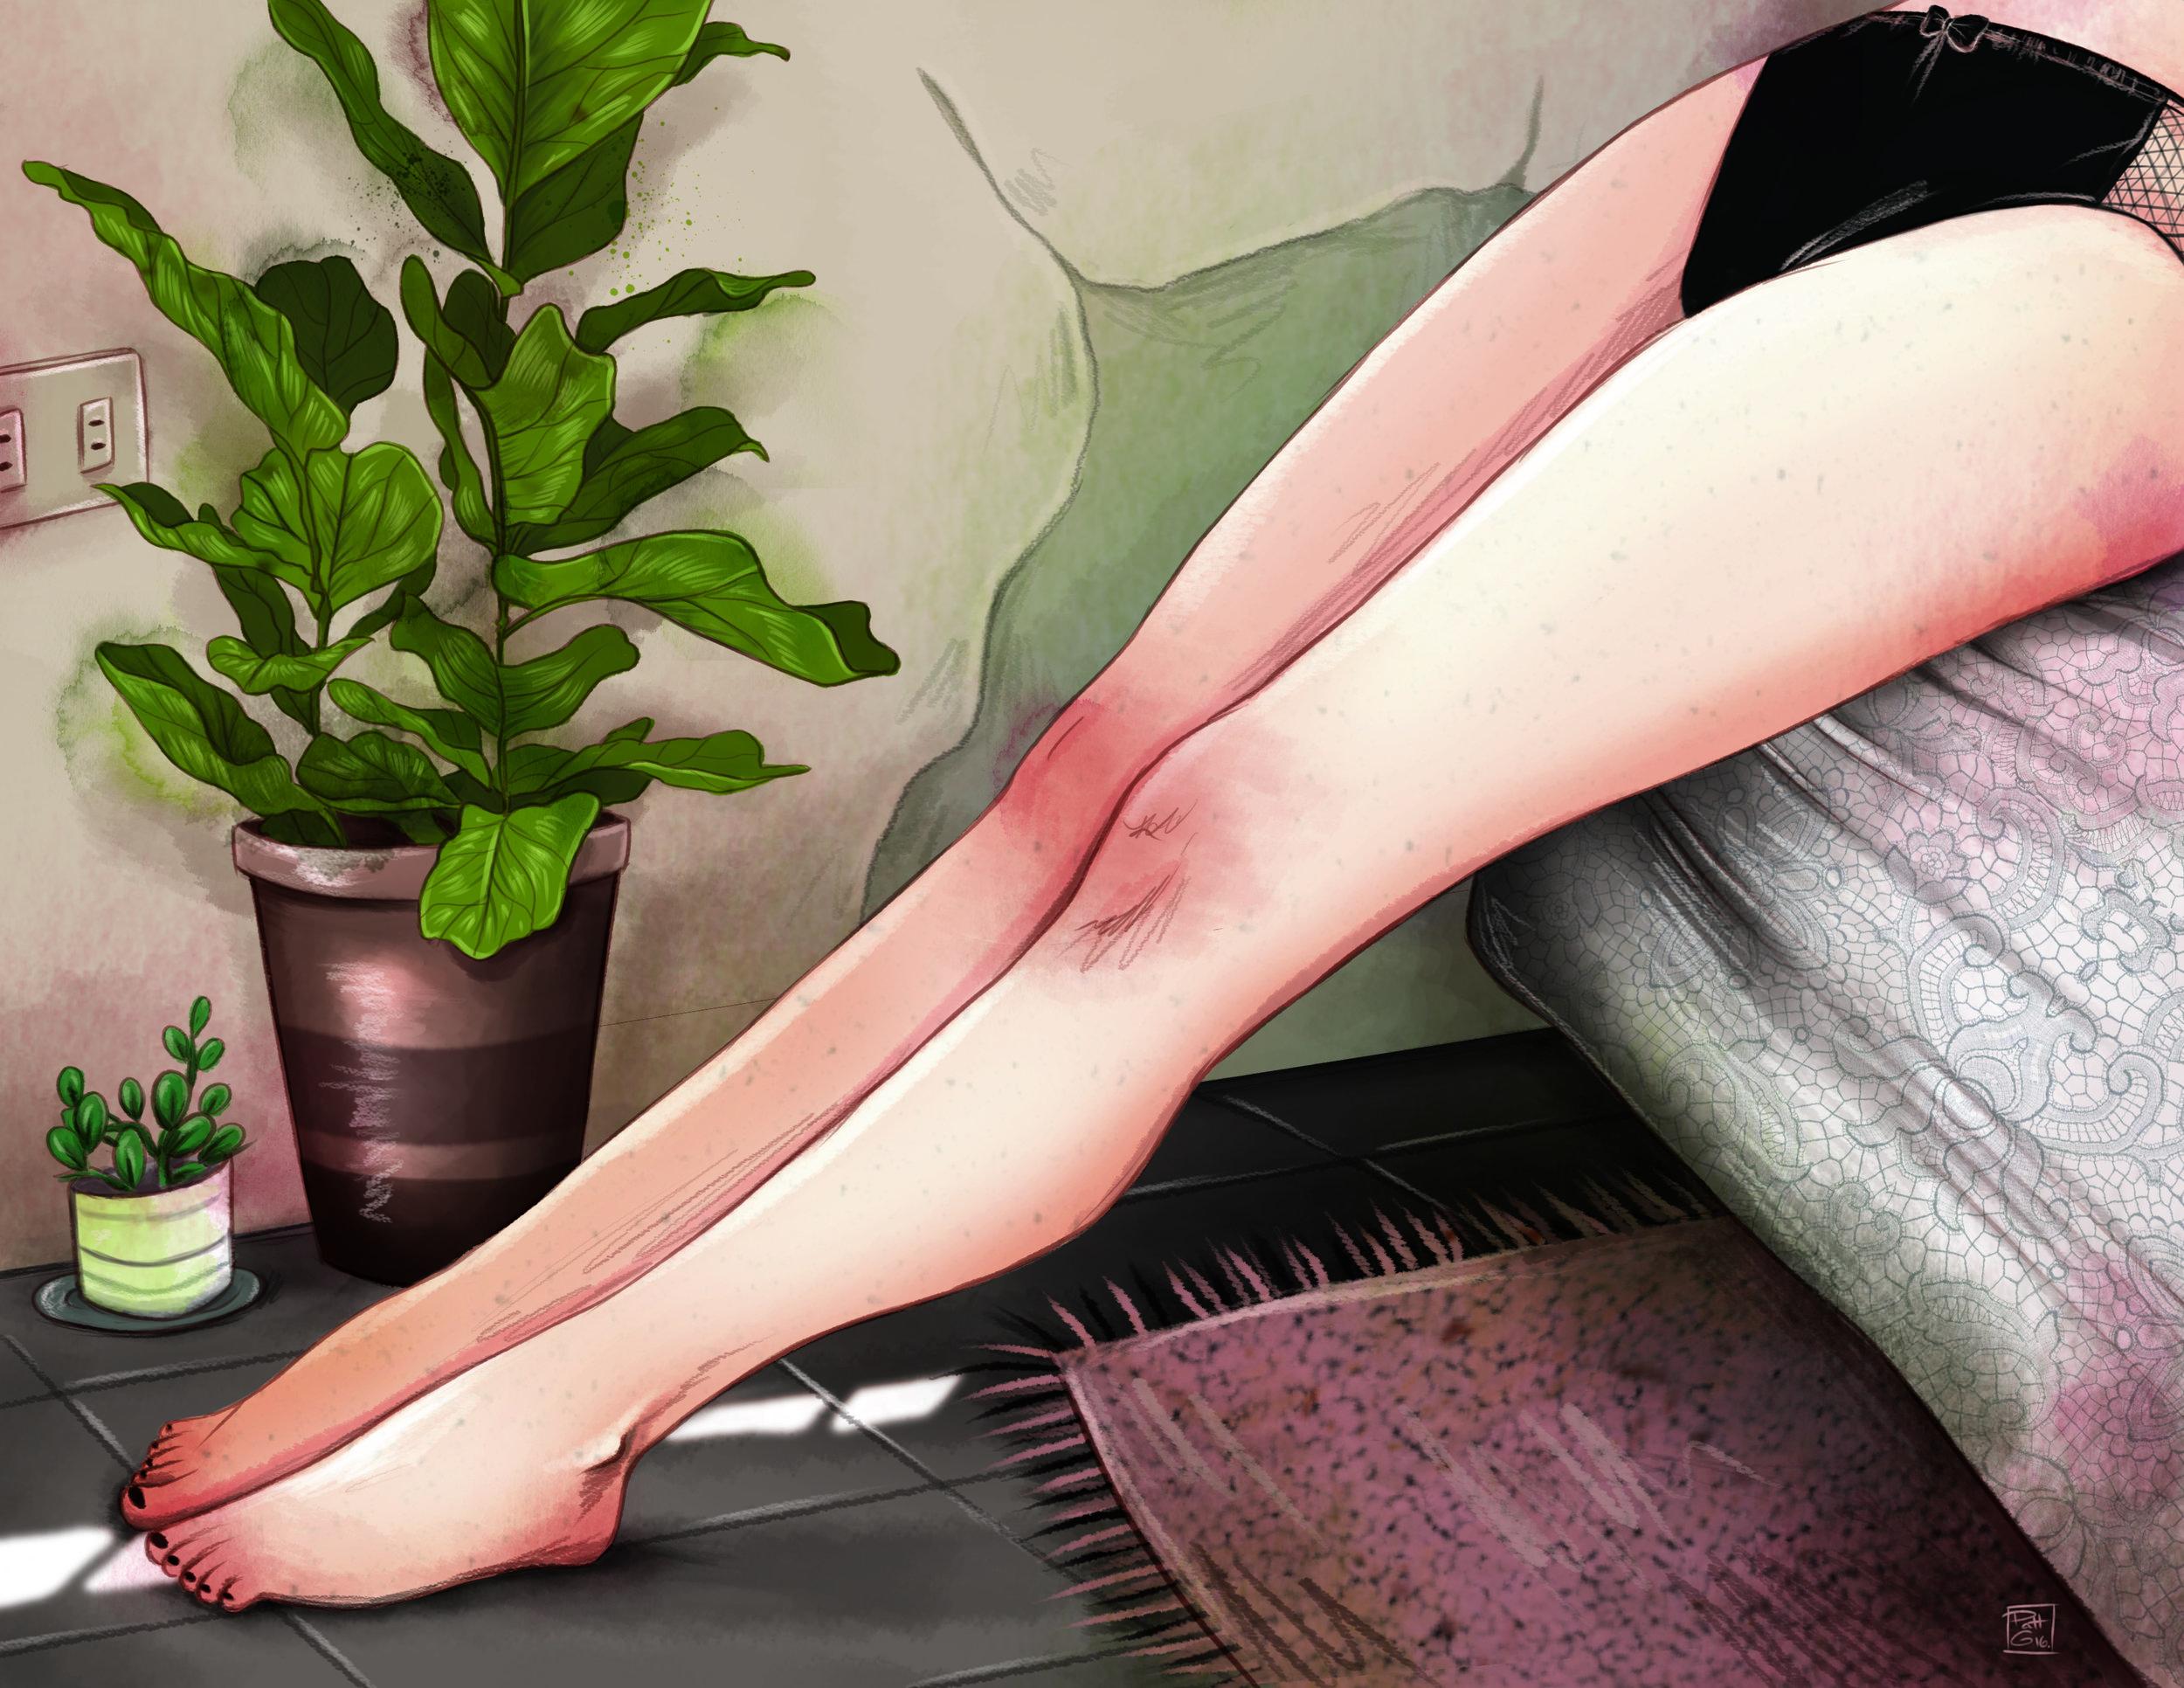 piernas6.jpg